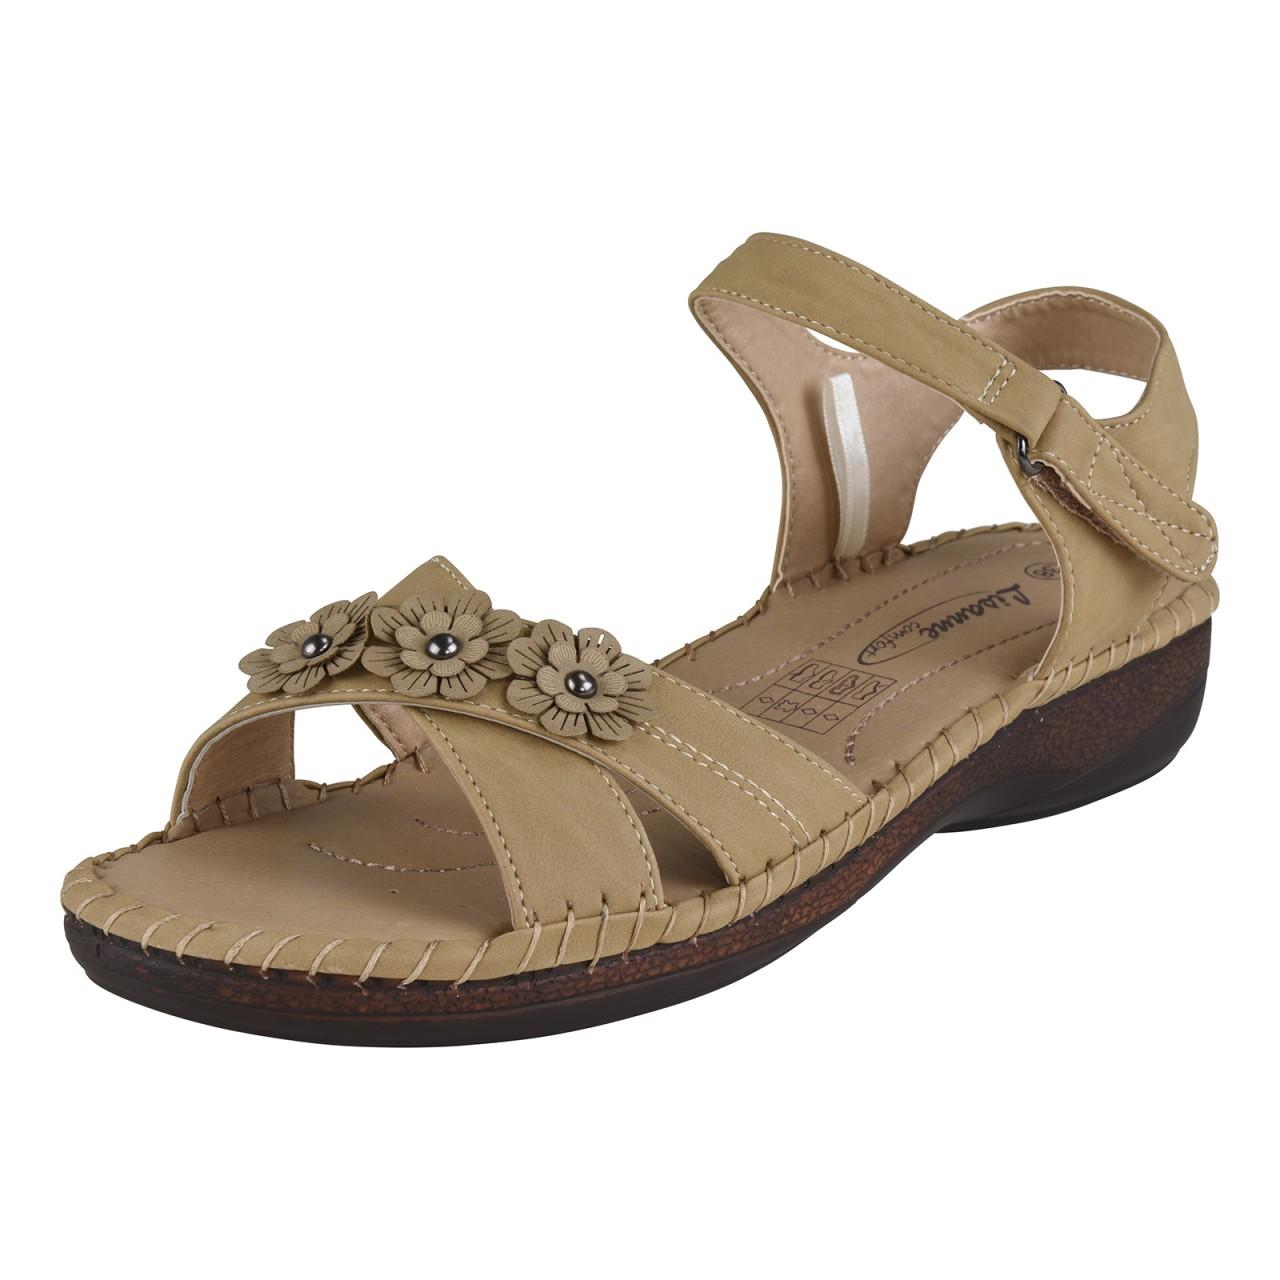 lisanne comfort damen sandale beige. Black Bedroom Furniture Sets. Home Design Ideas